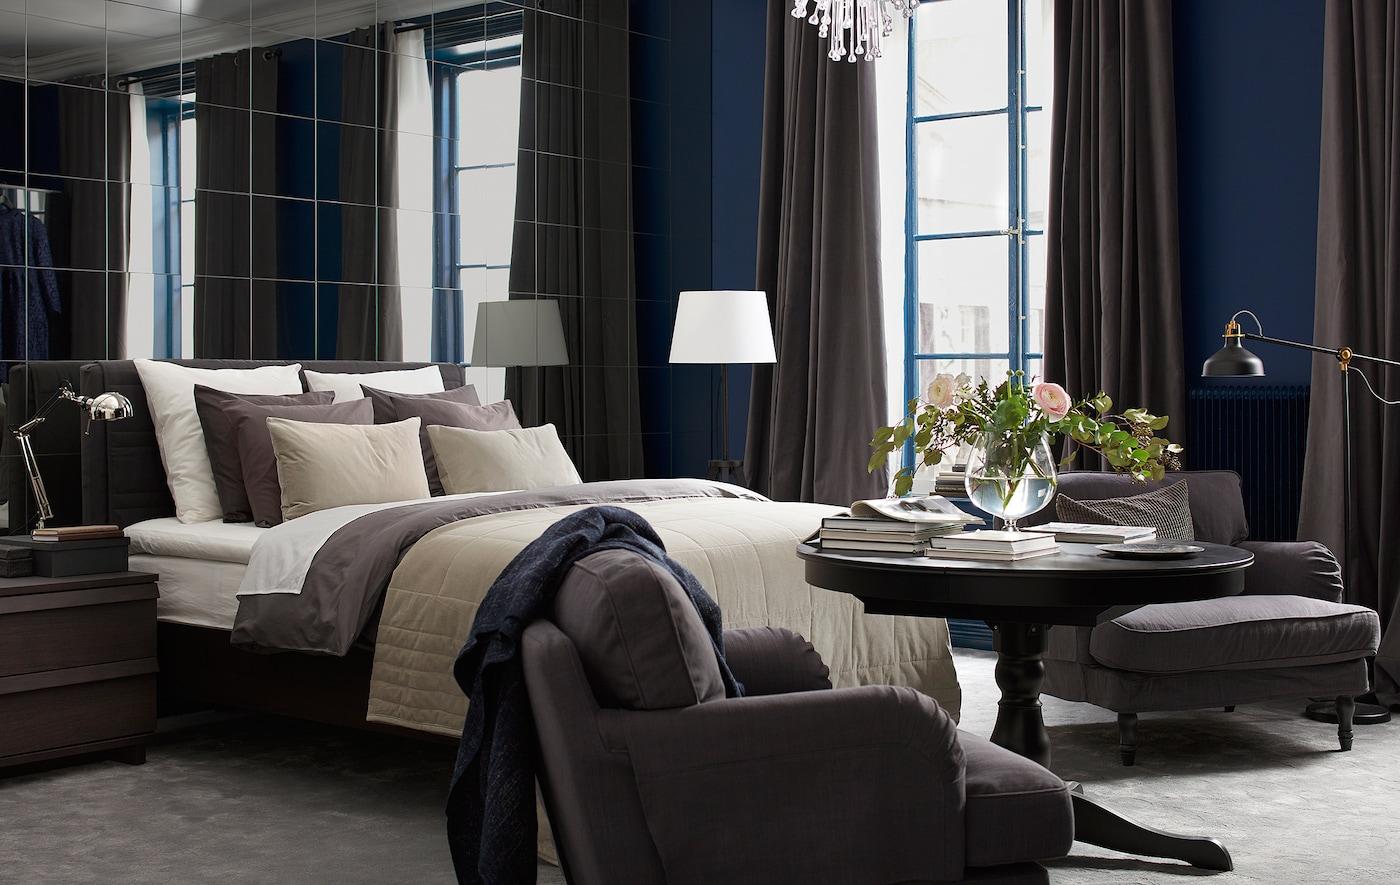 Chambre avec mur de miroirs, lit garni de nombreux textiles, fauteuil, lampadaires et fleurs coupées.